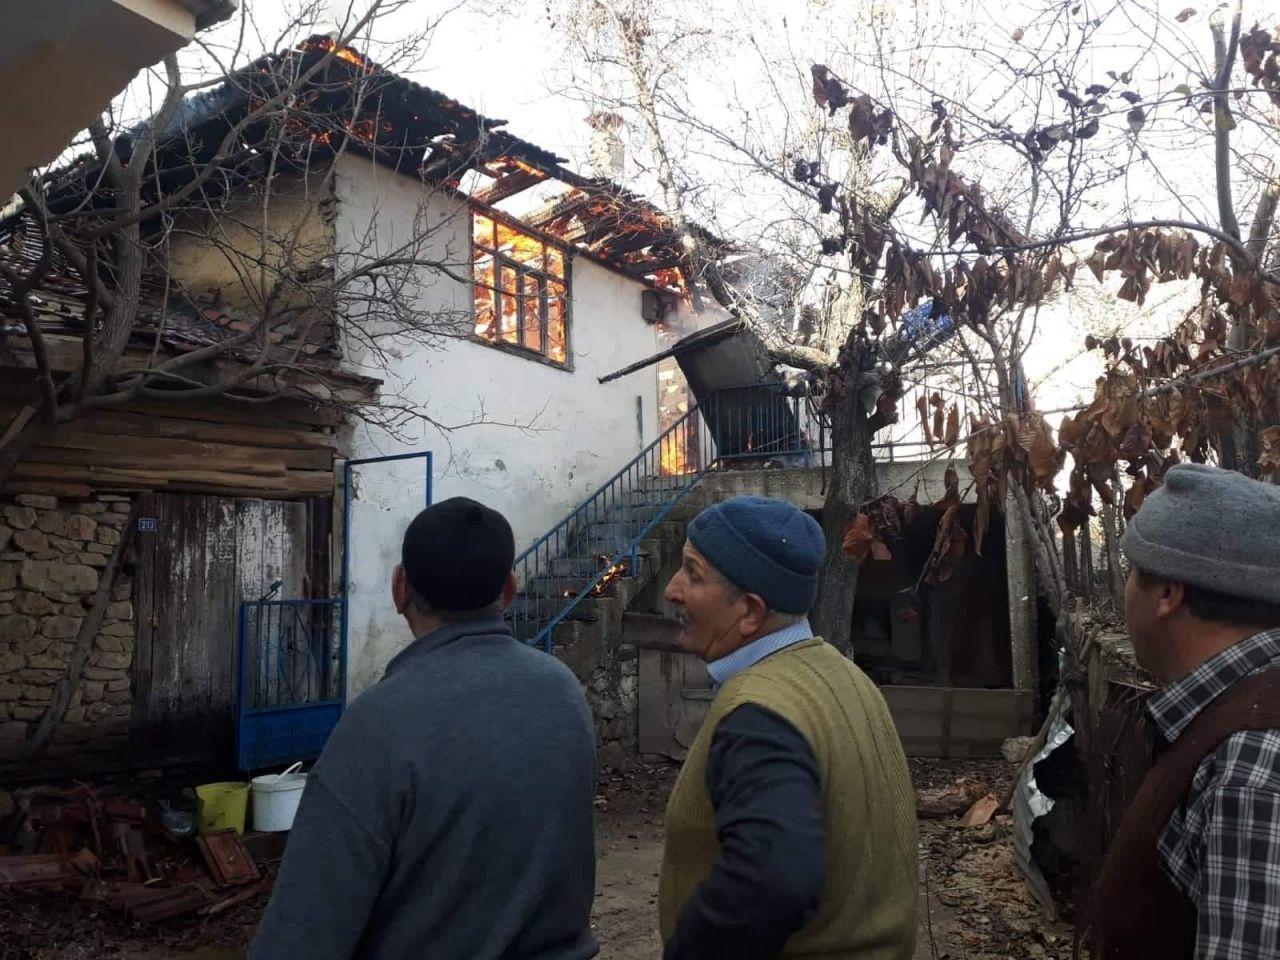 Bir hafta içinde hem eşini hem evini kaybetti! 78 yaşında yarı felç sokakta kaldı